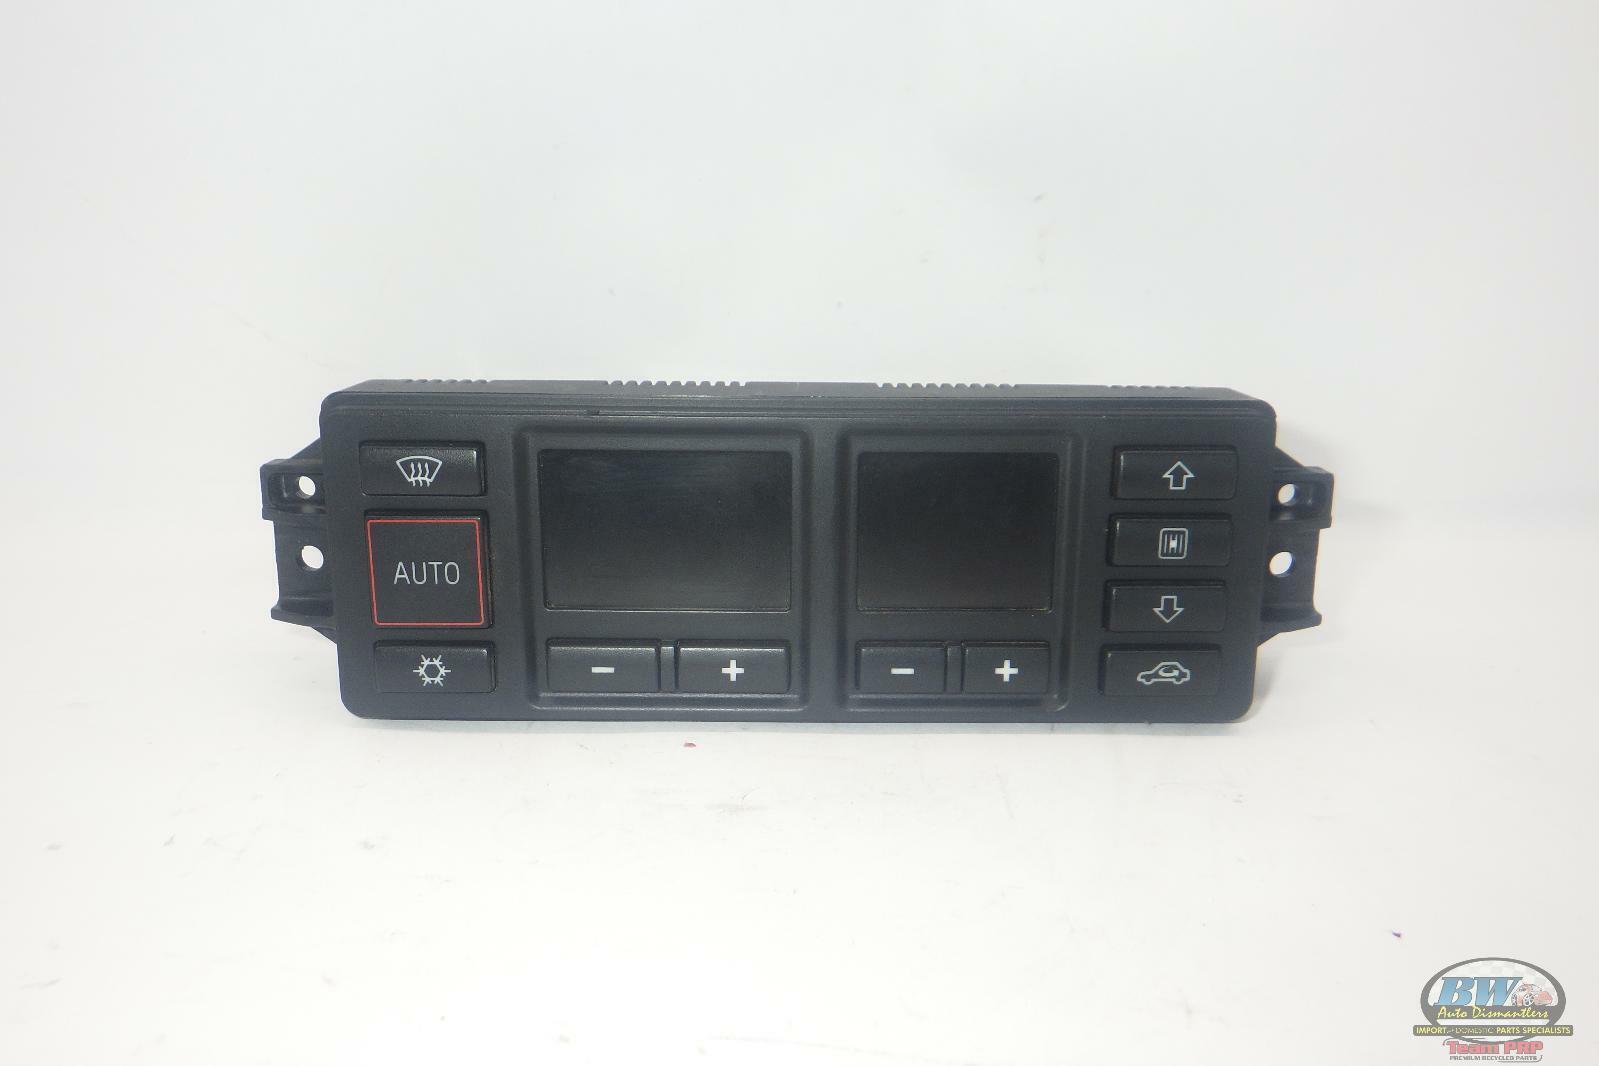 Audi A3 Climate Control Unit 1999 8l0 820 043 D